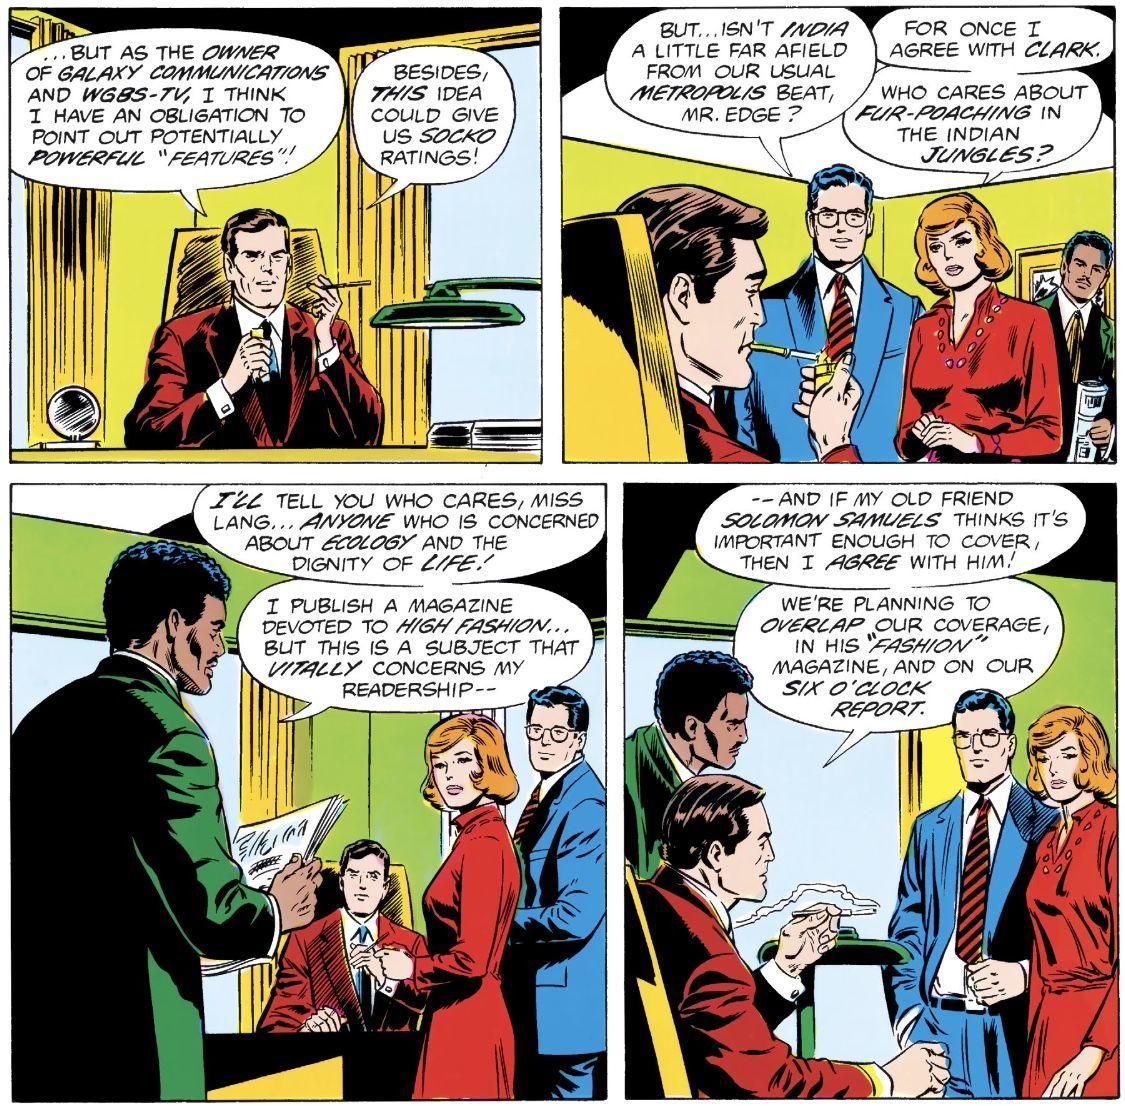 Clark_Kent_Lana_Lang_Action_Comics_521